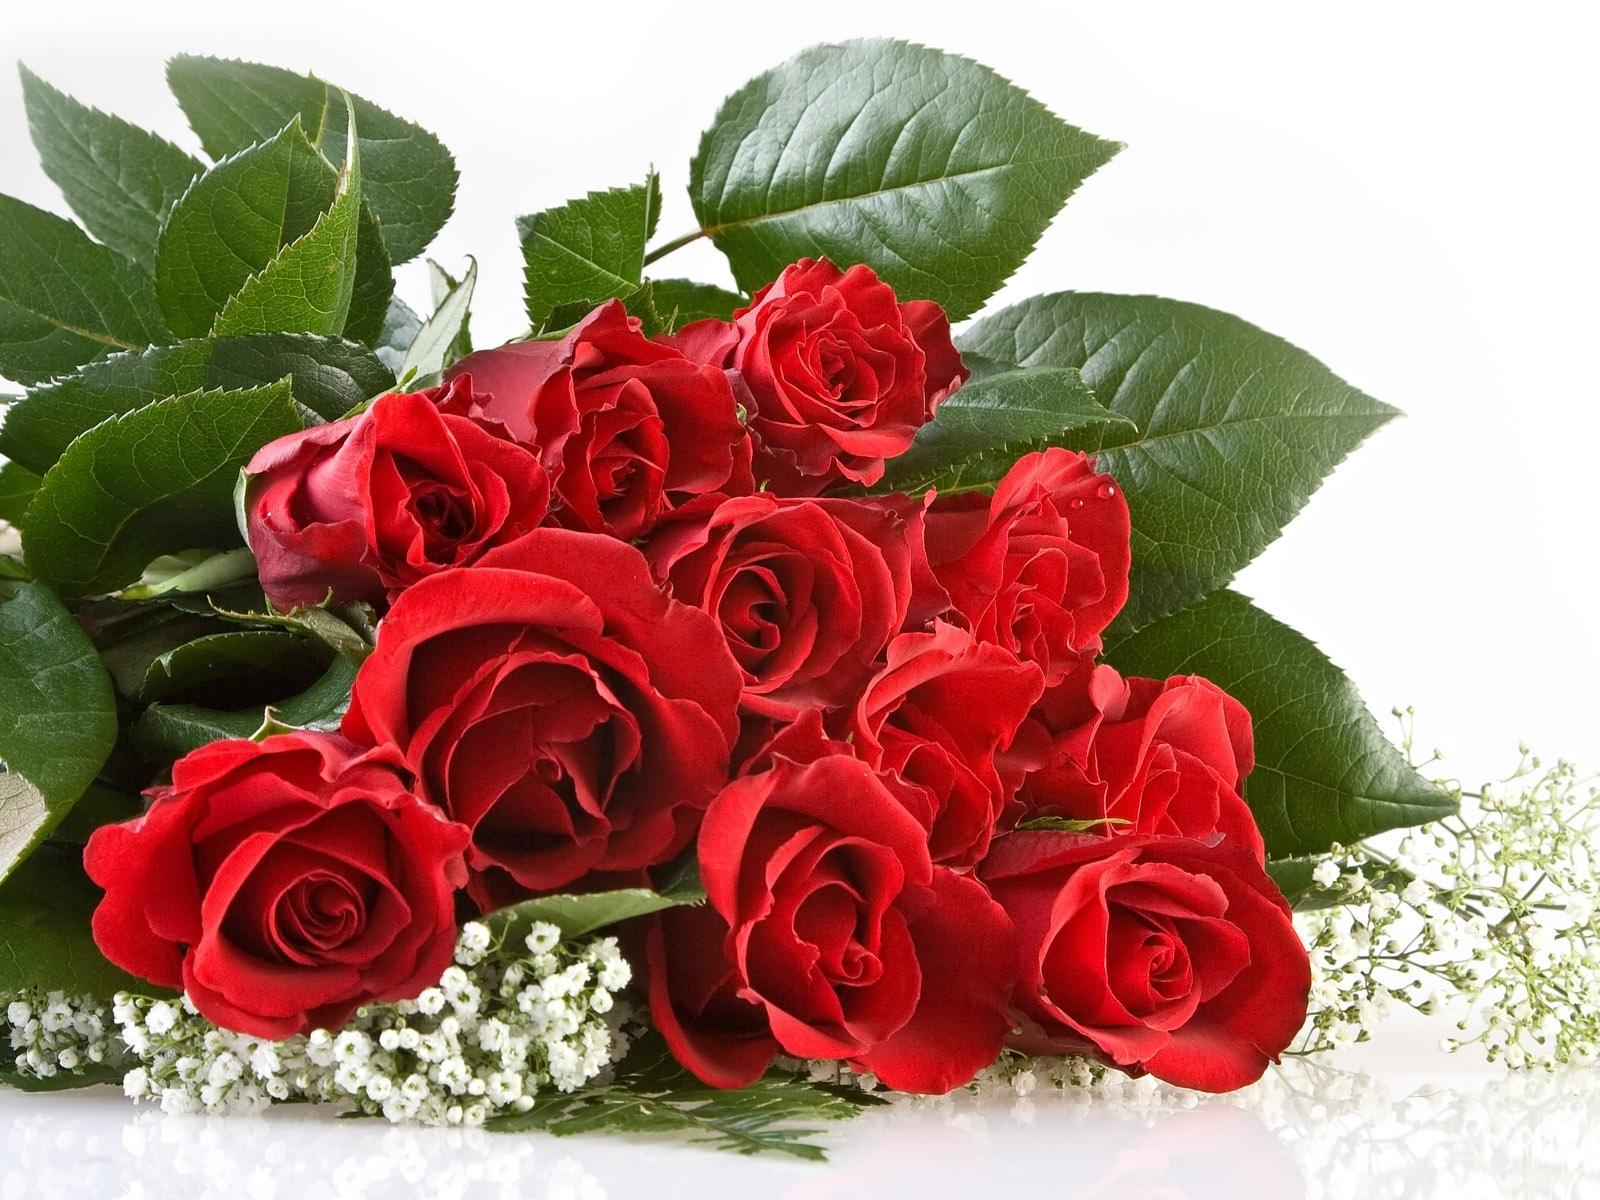 20505 Hintergrundbild herunterladen Blumen, Feiertage, Pflanzen, Roses, Bouquets - Bildschirmschoner und Bilder kostenlos